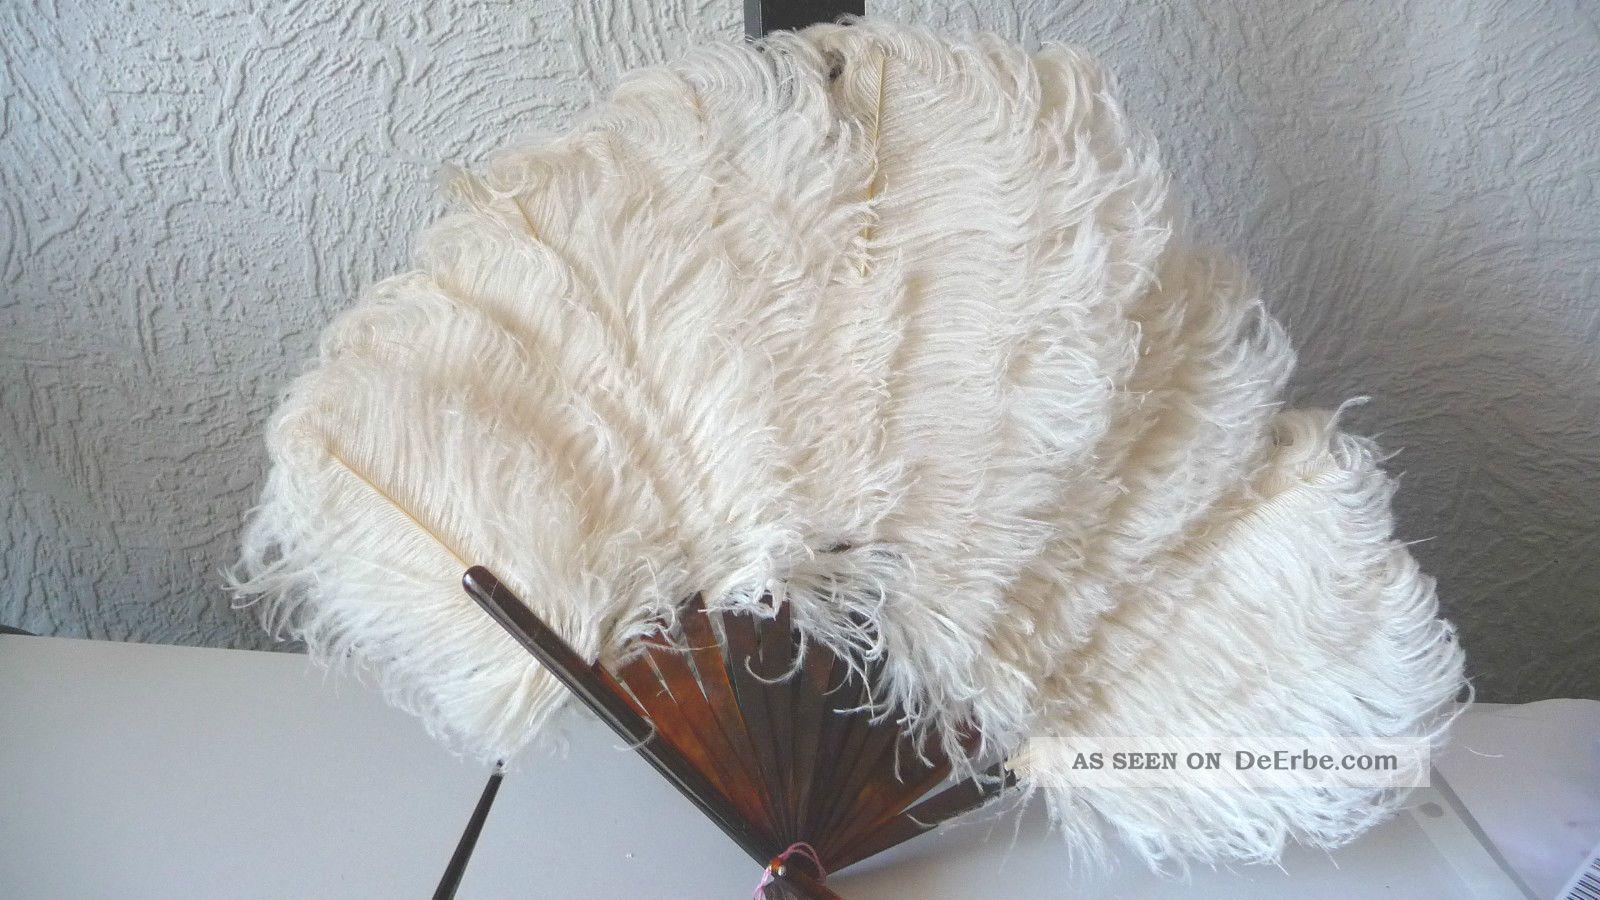 Antiker Fächer,  Absolut Rar Straußenfedern Weiß Und Echtem Schildpatt,  Perfekt Accessoires Bild